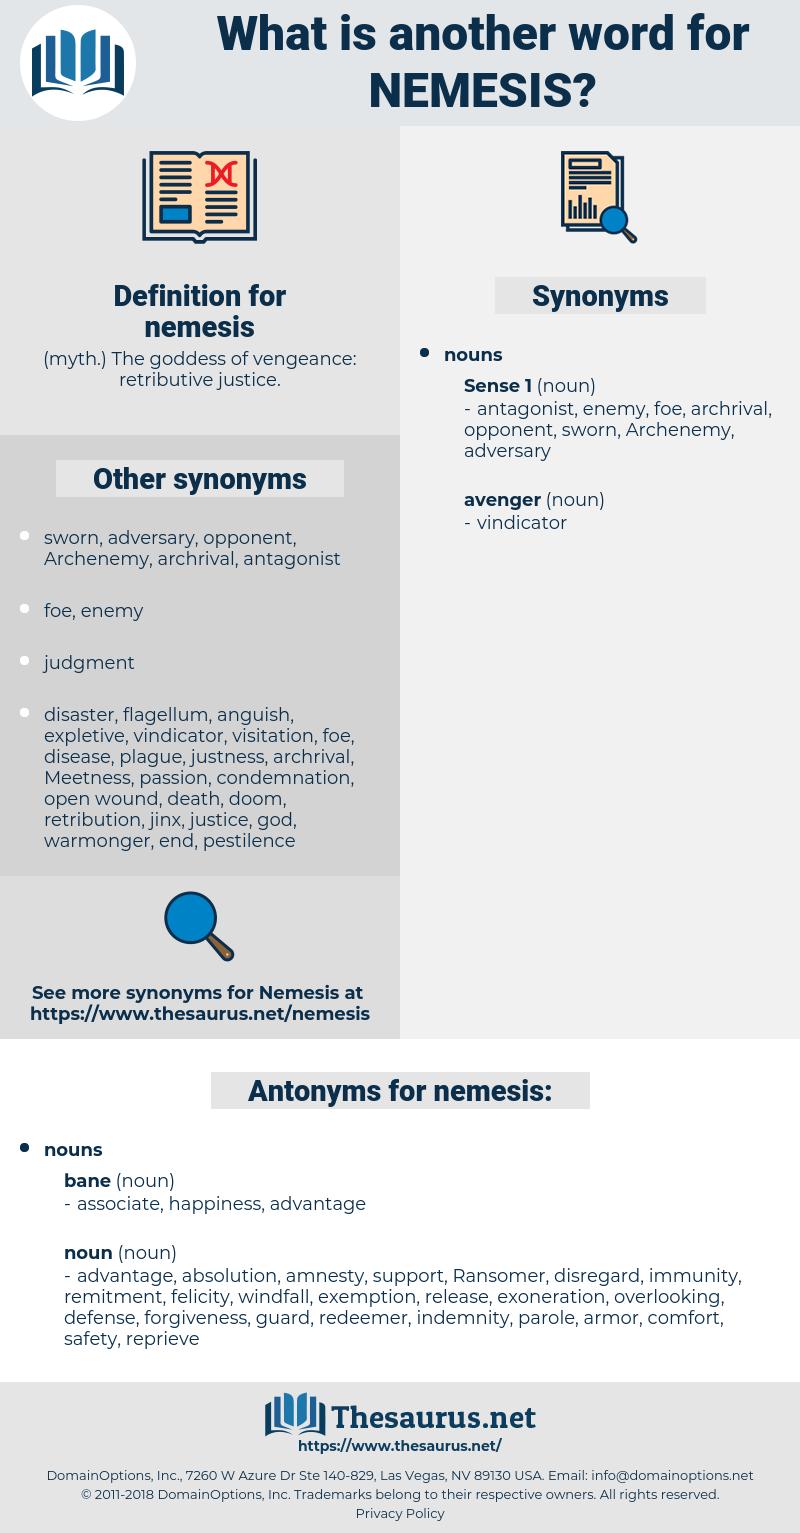 nemesis, synonym nemesis, another word for nemesis, words like nemesis, thesaurus nemesis